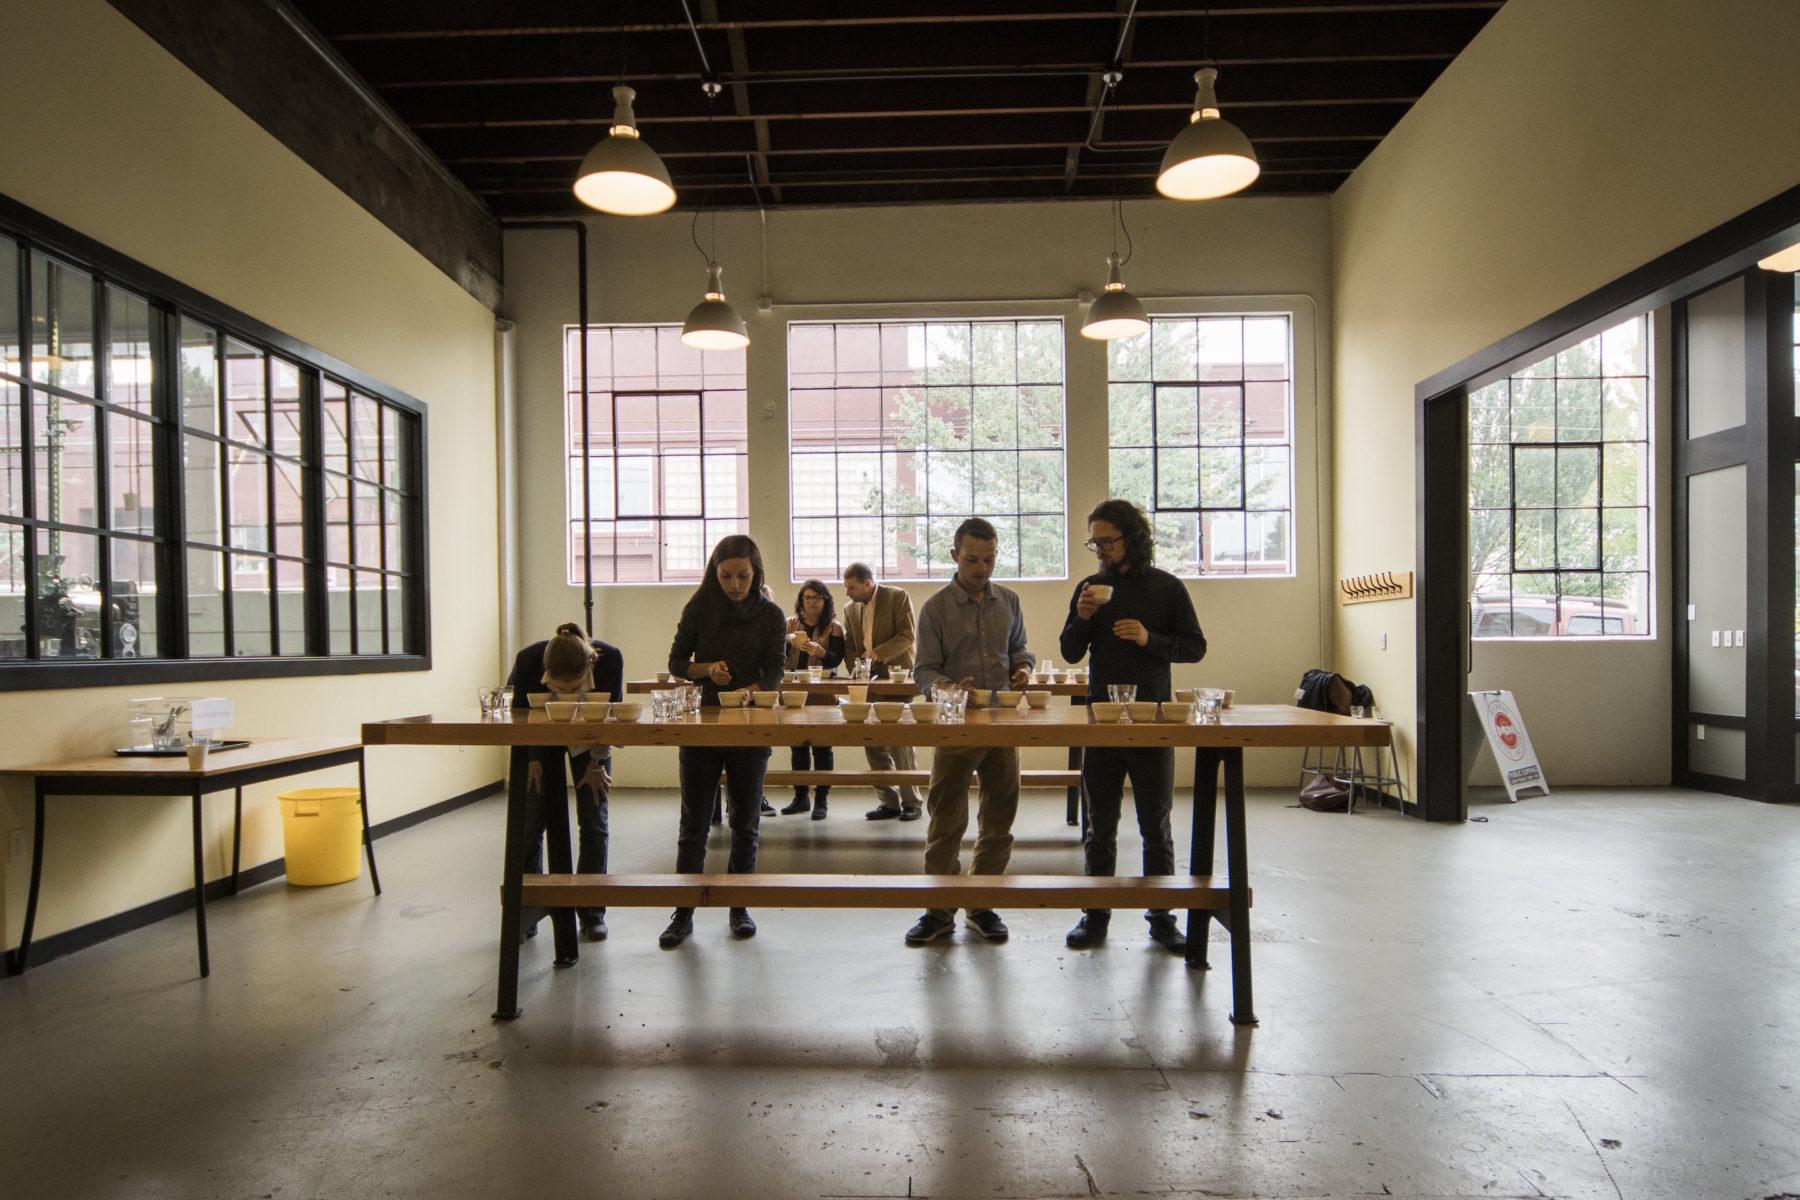 View More: http://ltd.pass.us/buckman-coffee-factory-terra-negra